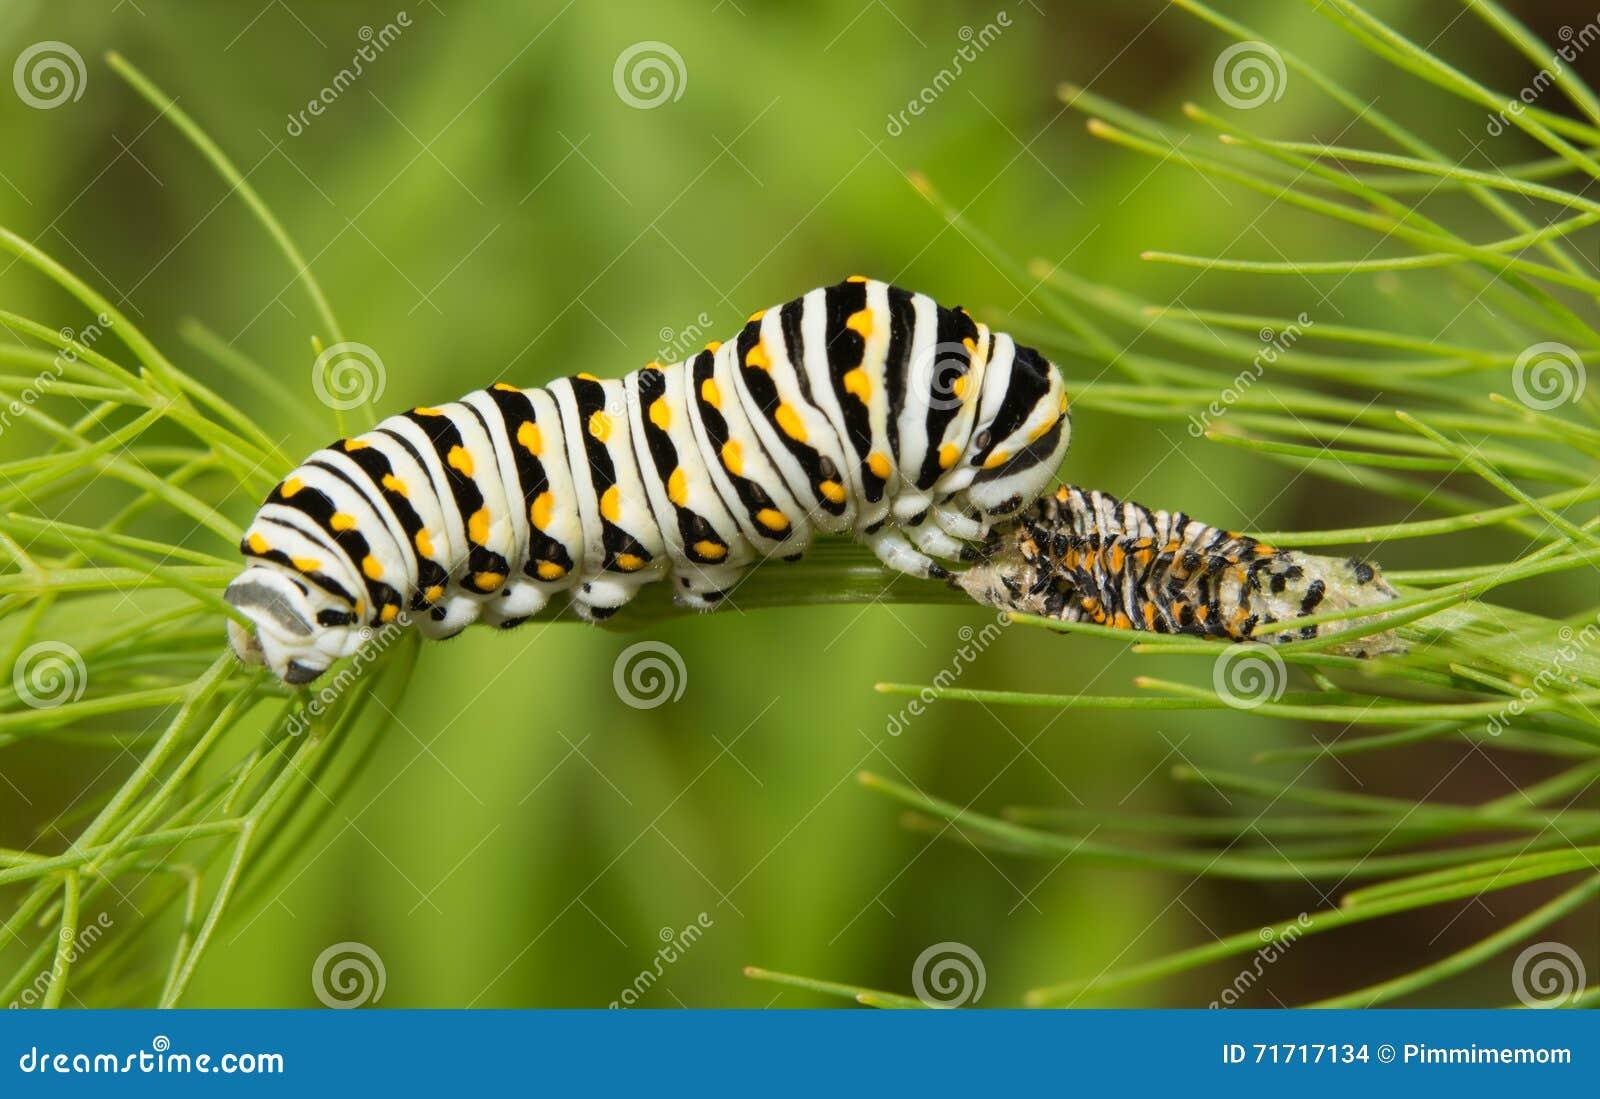 Zwarte Swallowtail-vlinderrupsband